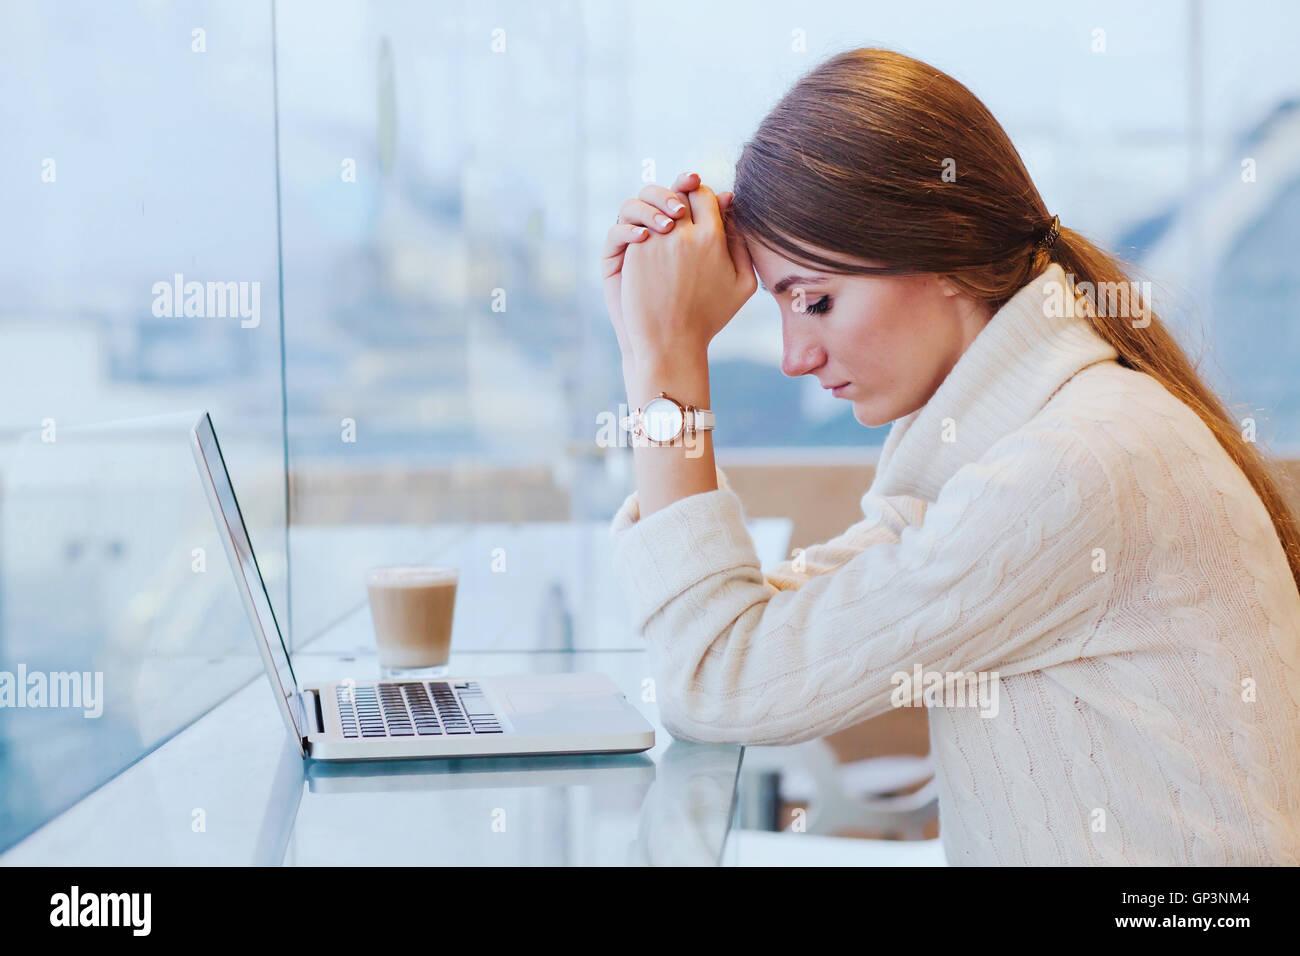 Informationsflut, Stress-Konzept, traurige verzweifelte Frau vor computer Stockbild